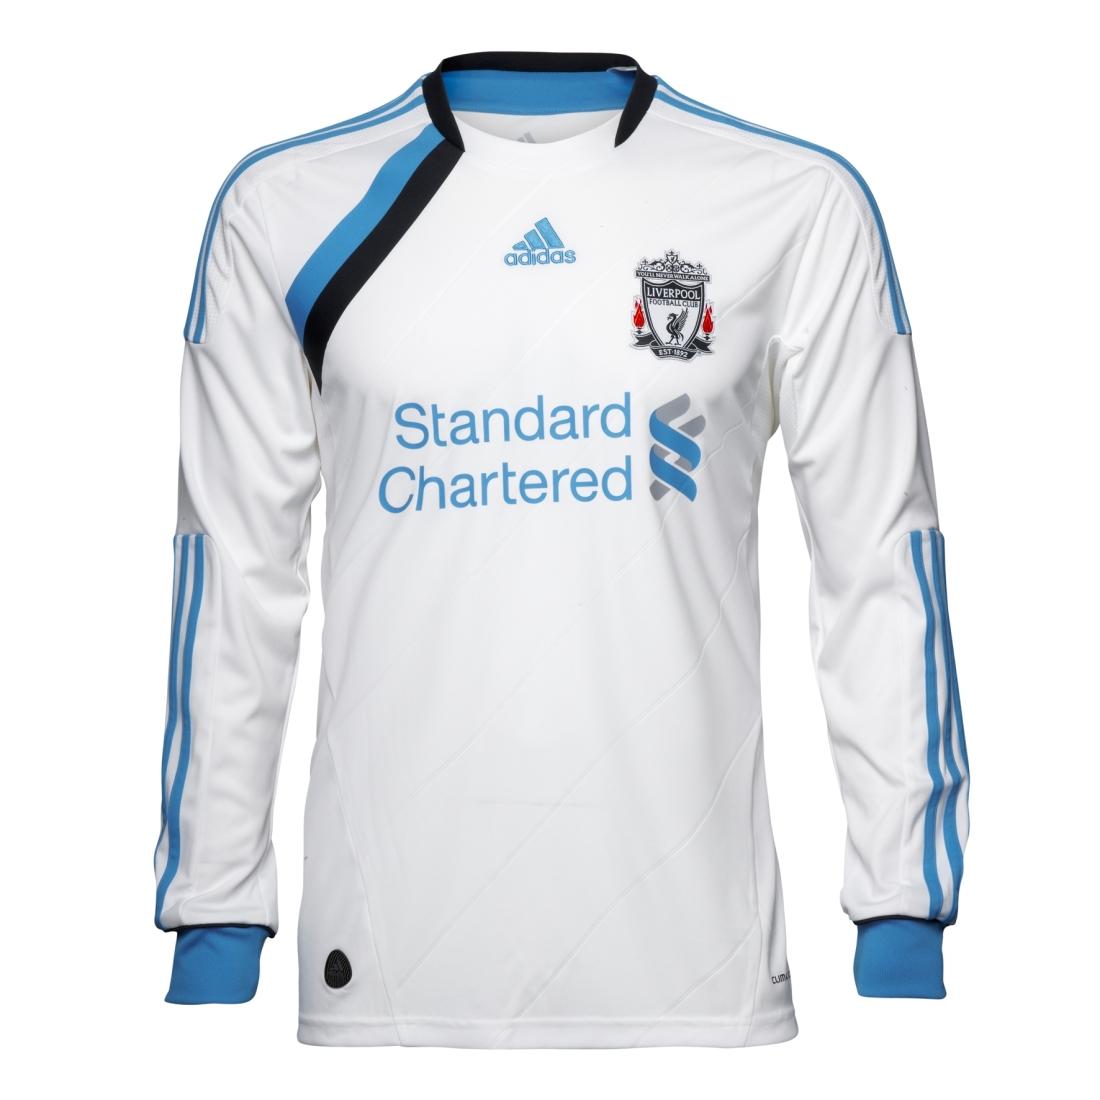 Centelleo suspicaz igualdad  Nueva camiseta Adidas blanca del Liverpool; temporada 2011-2012 – Elias con  acento en la